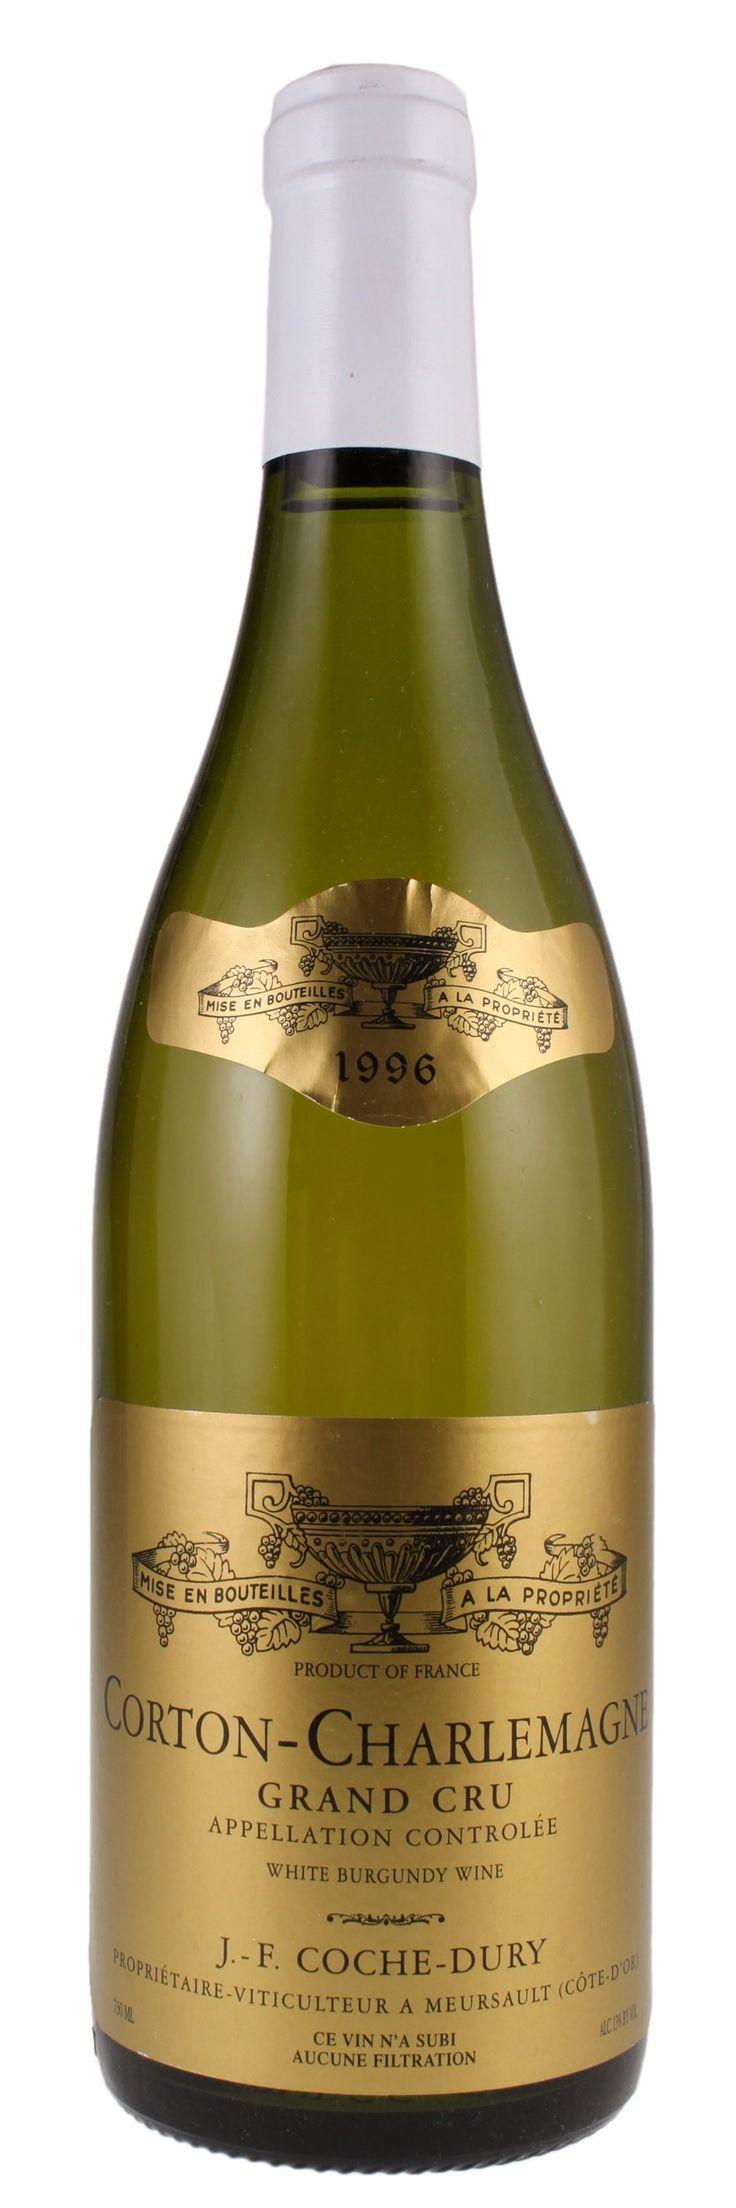 1996 Coche-Dury Corton-Charlemagne Grand Cru